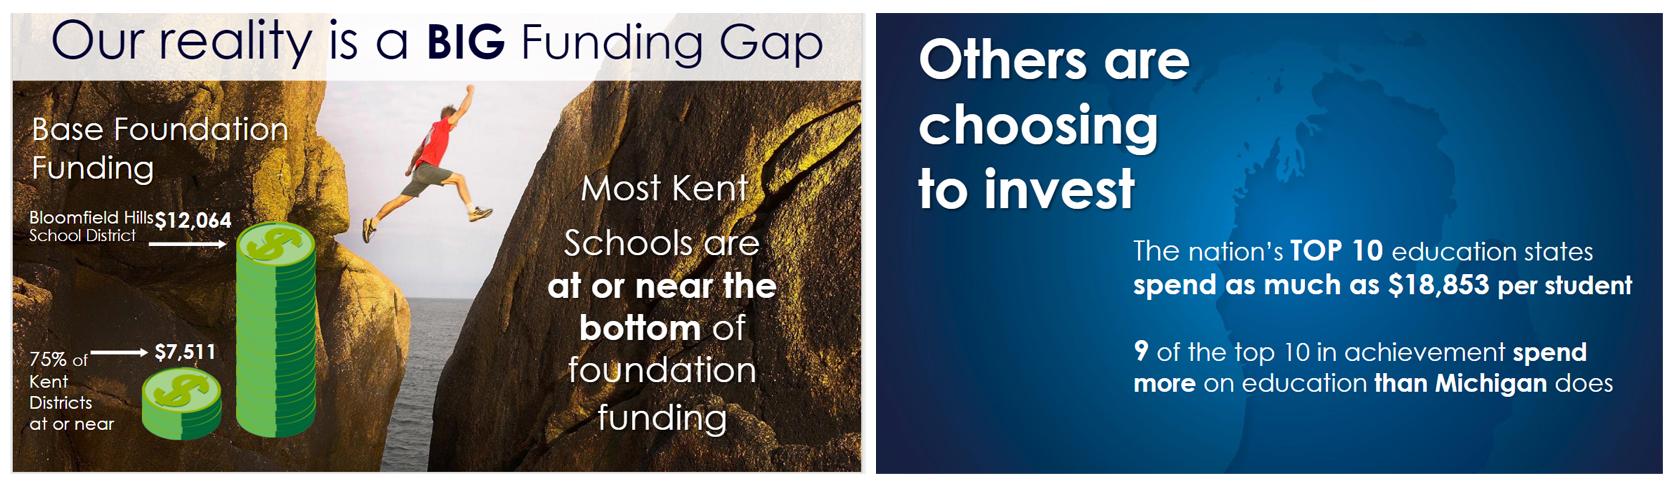 Big funding gap image